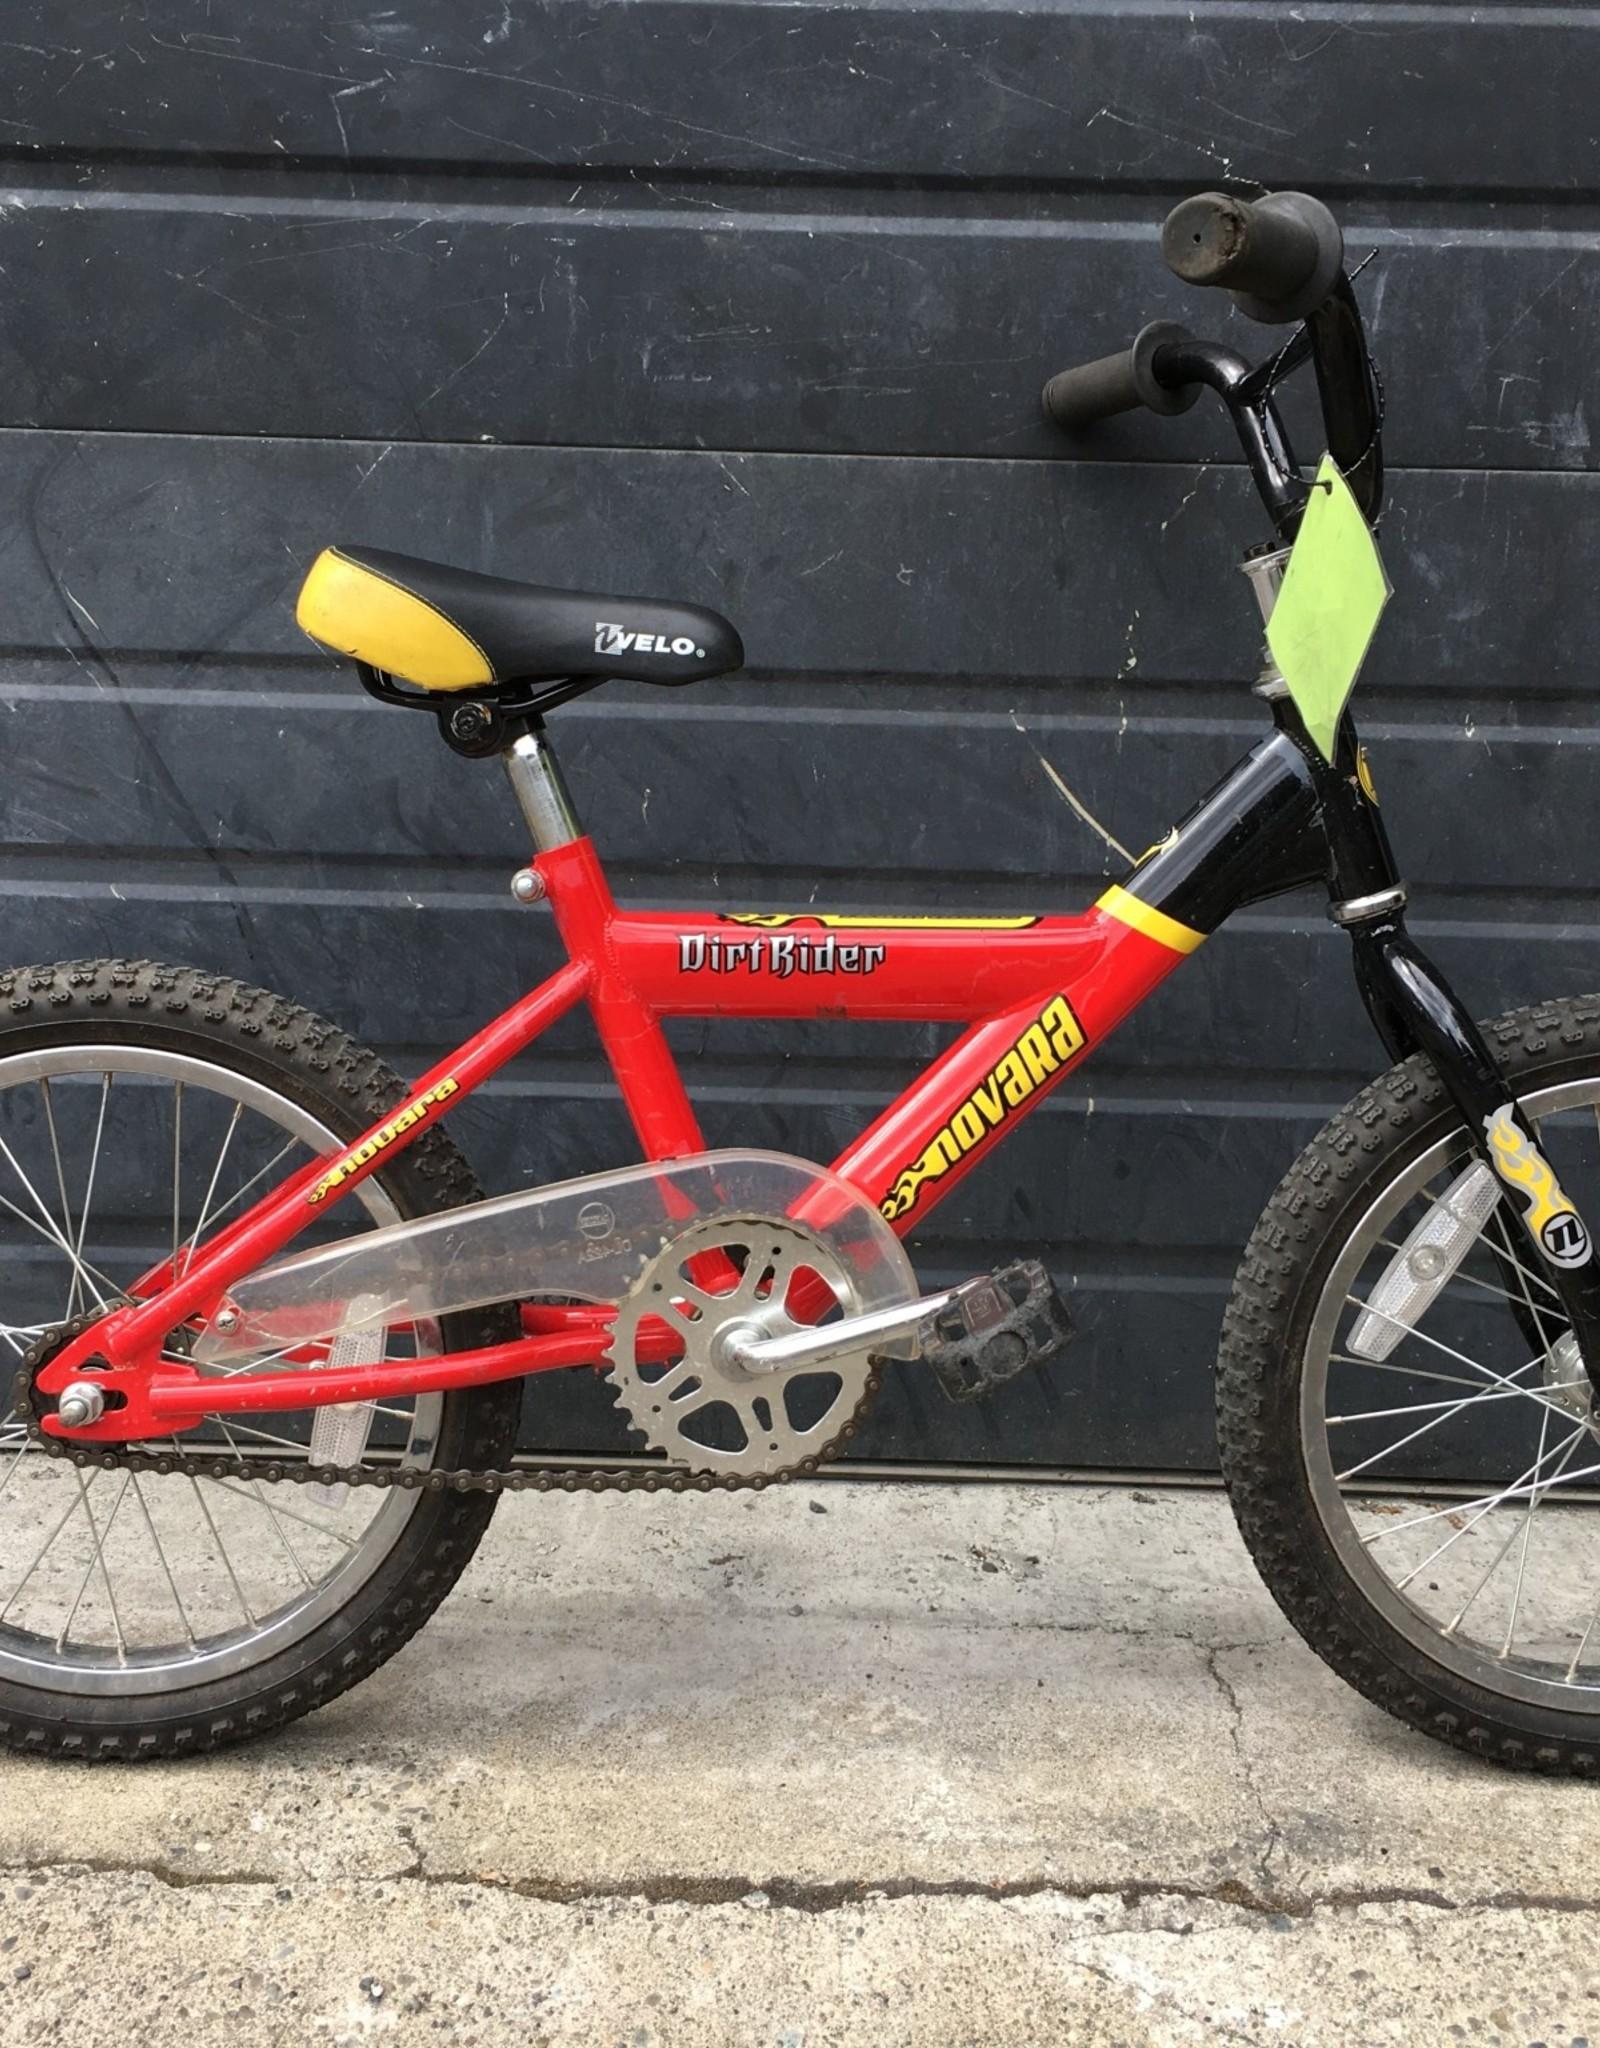 Novara 16in Novara Dirt Rider